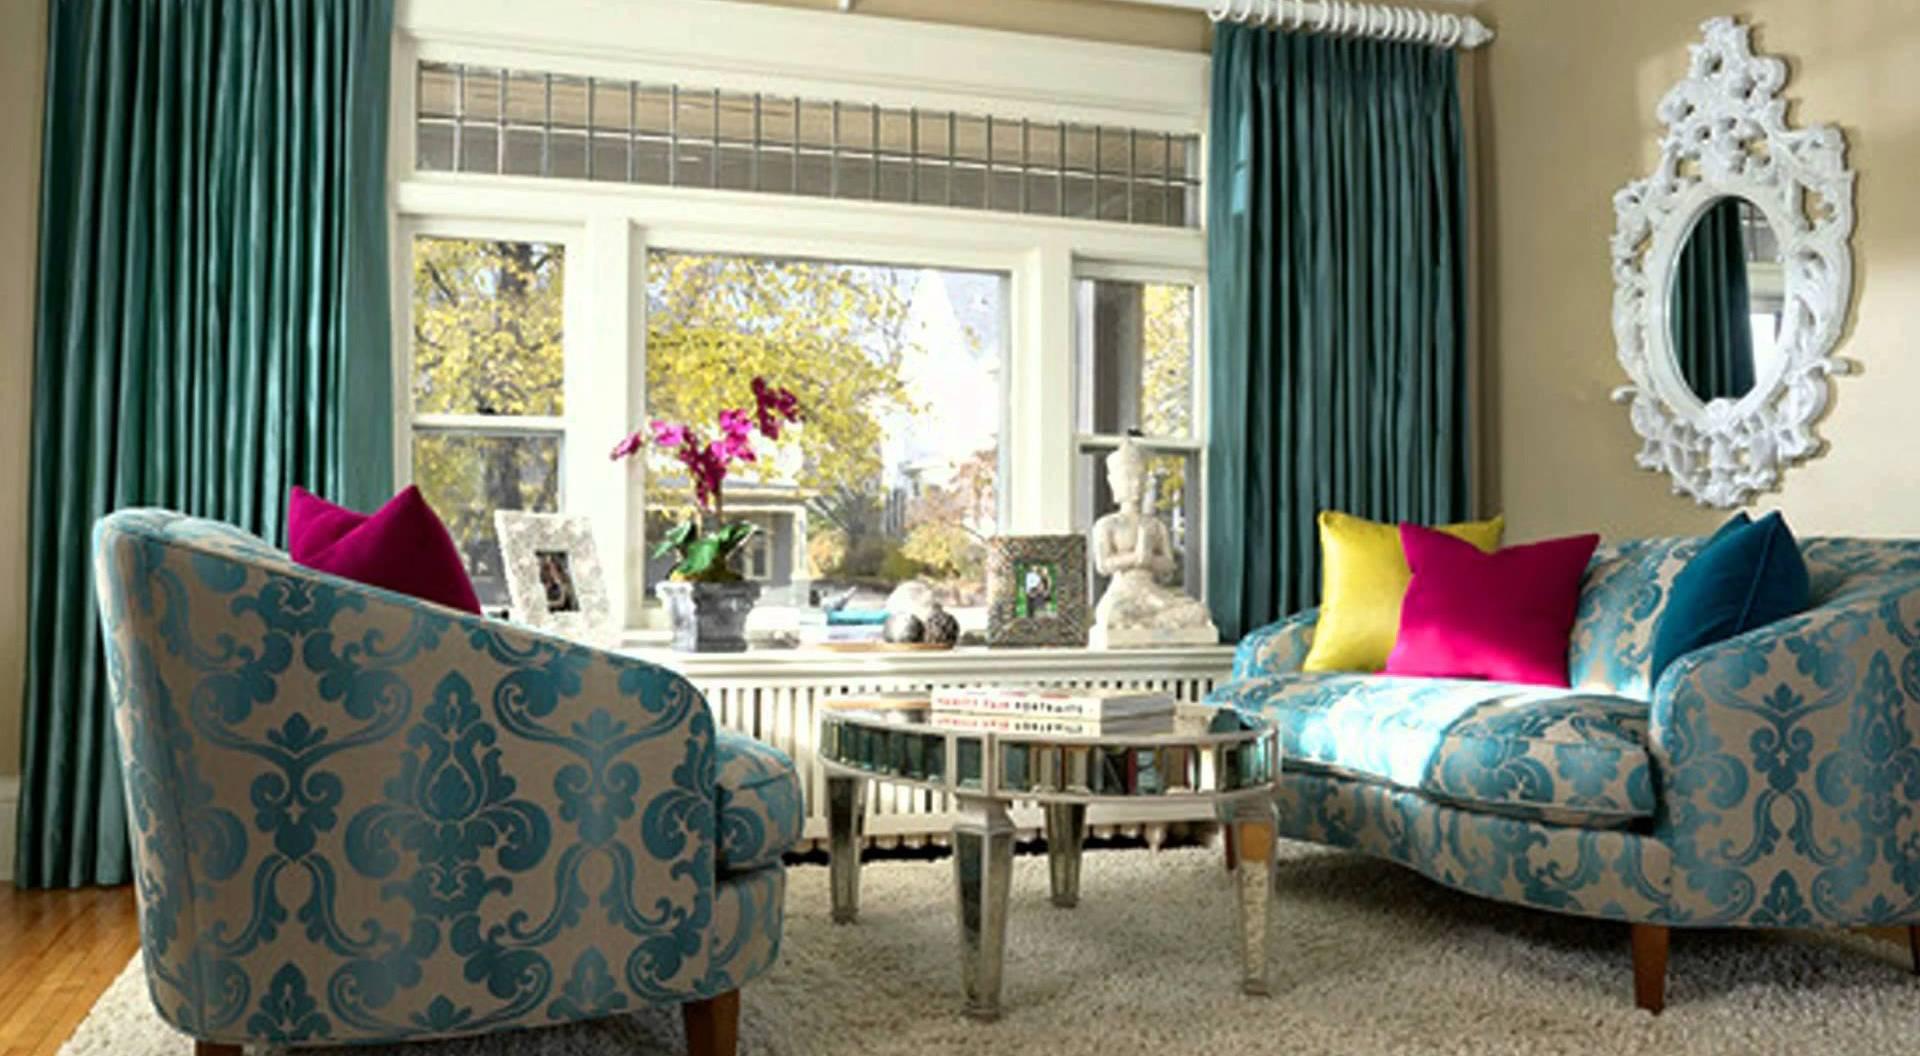 Modernes wohnzimmer blau im barock stil zimmergestaltung in blau freshouse - Barock wohnzimmer modern ...